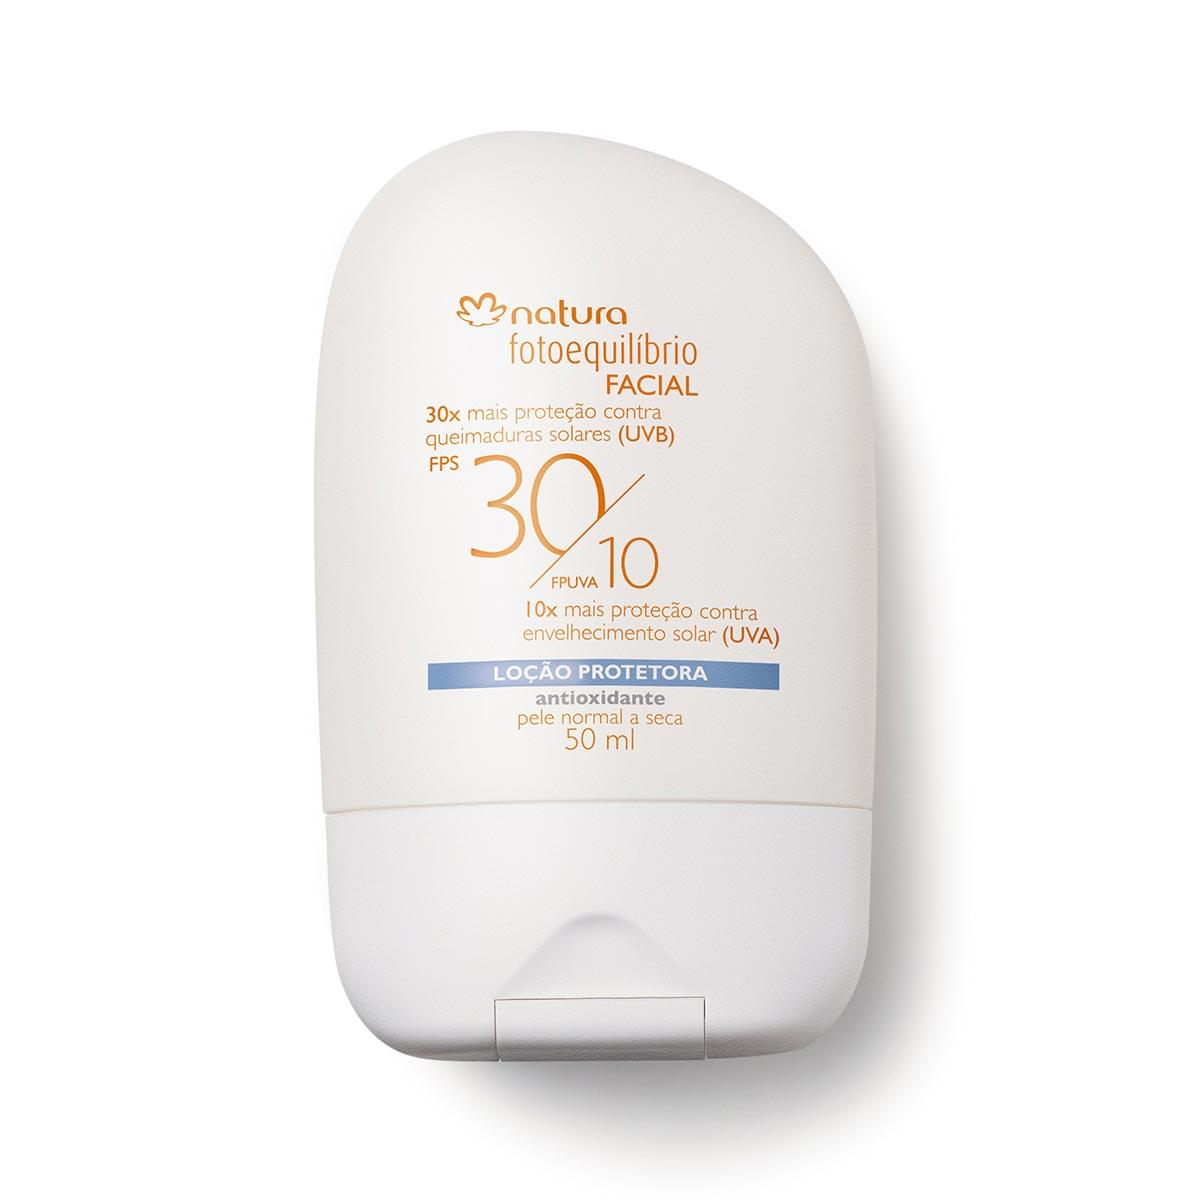 Loção Protetora Facial Pele Normal a Seca Fotoequilíbrio FPS30/FPUVA 10 - 50ml - 55978